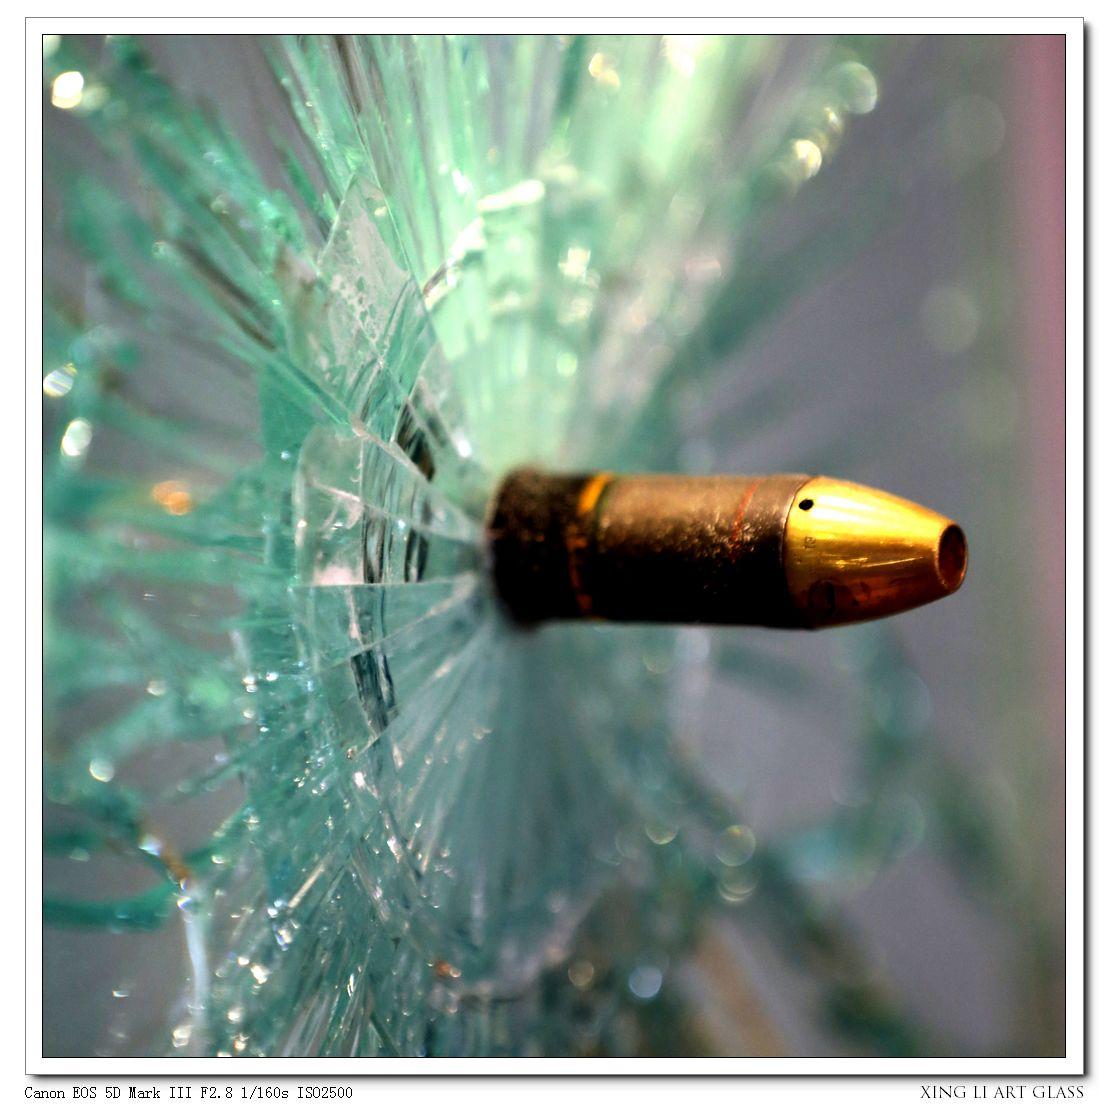 村长的玻璃艺术 《战争与和平》_图1-3